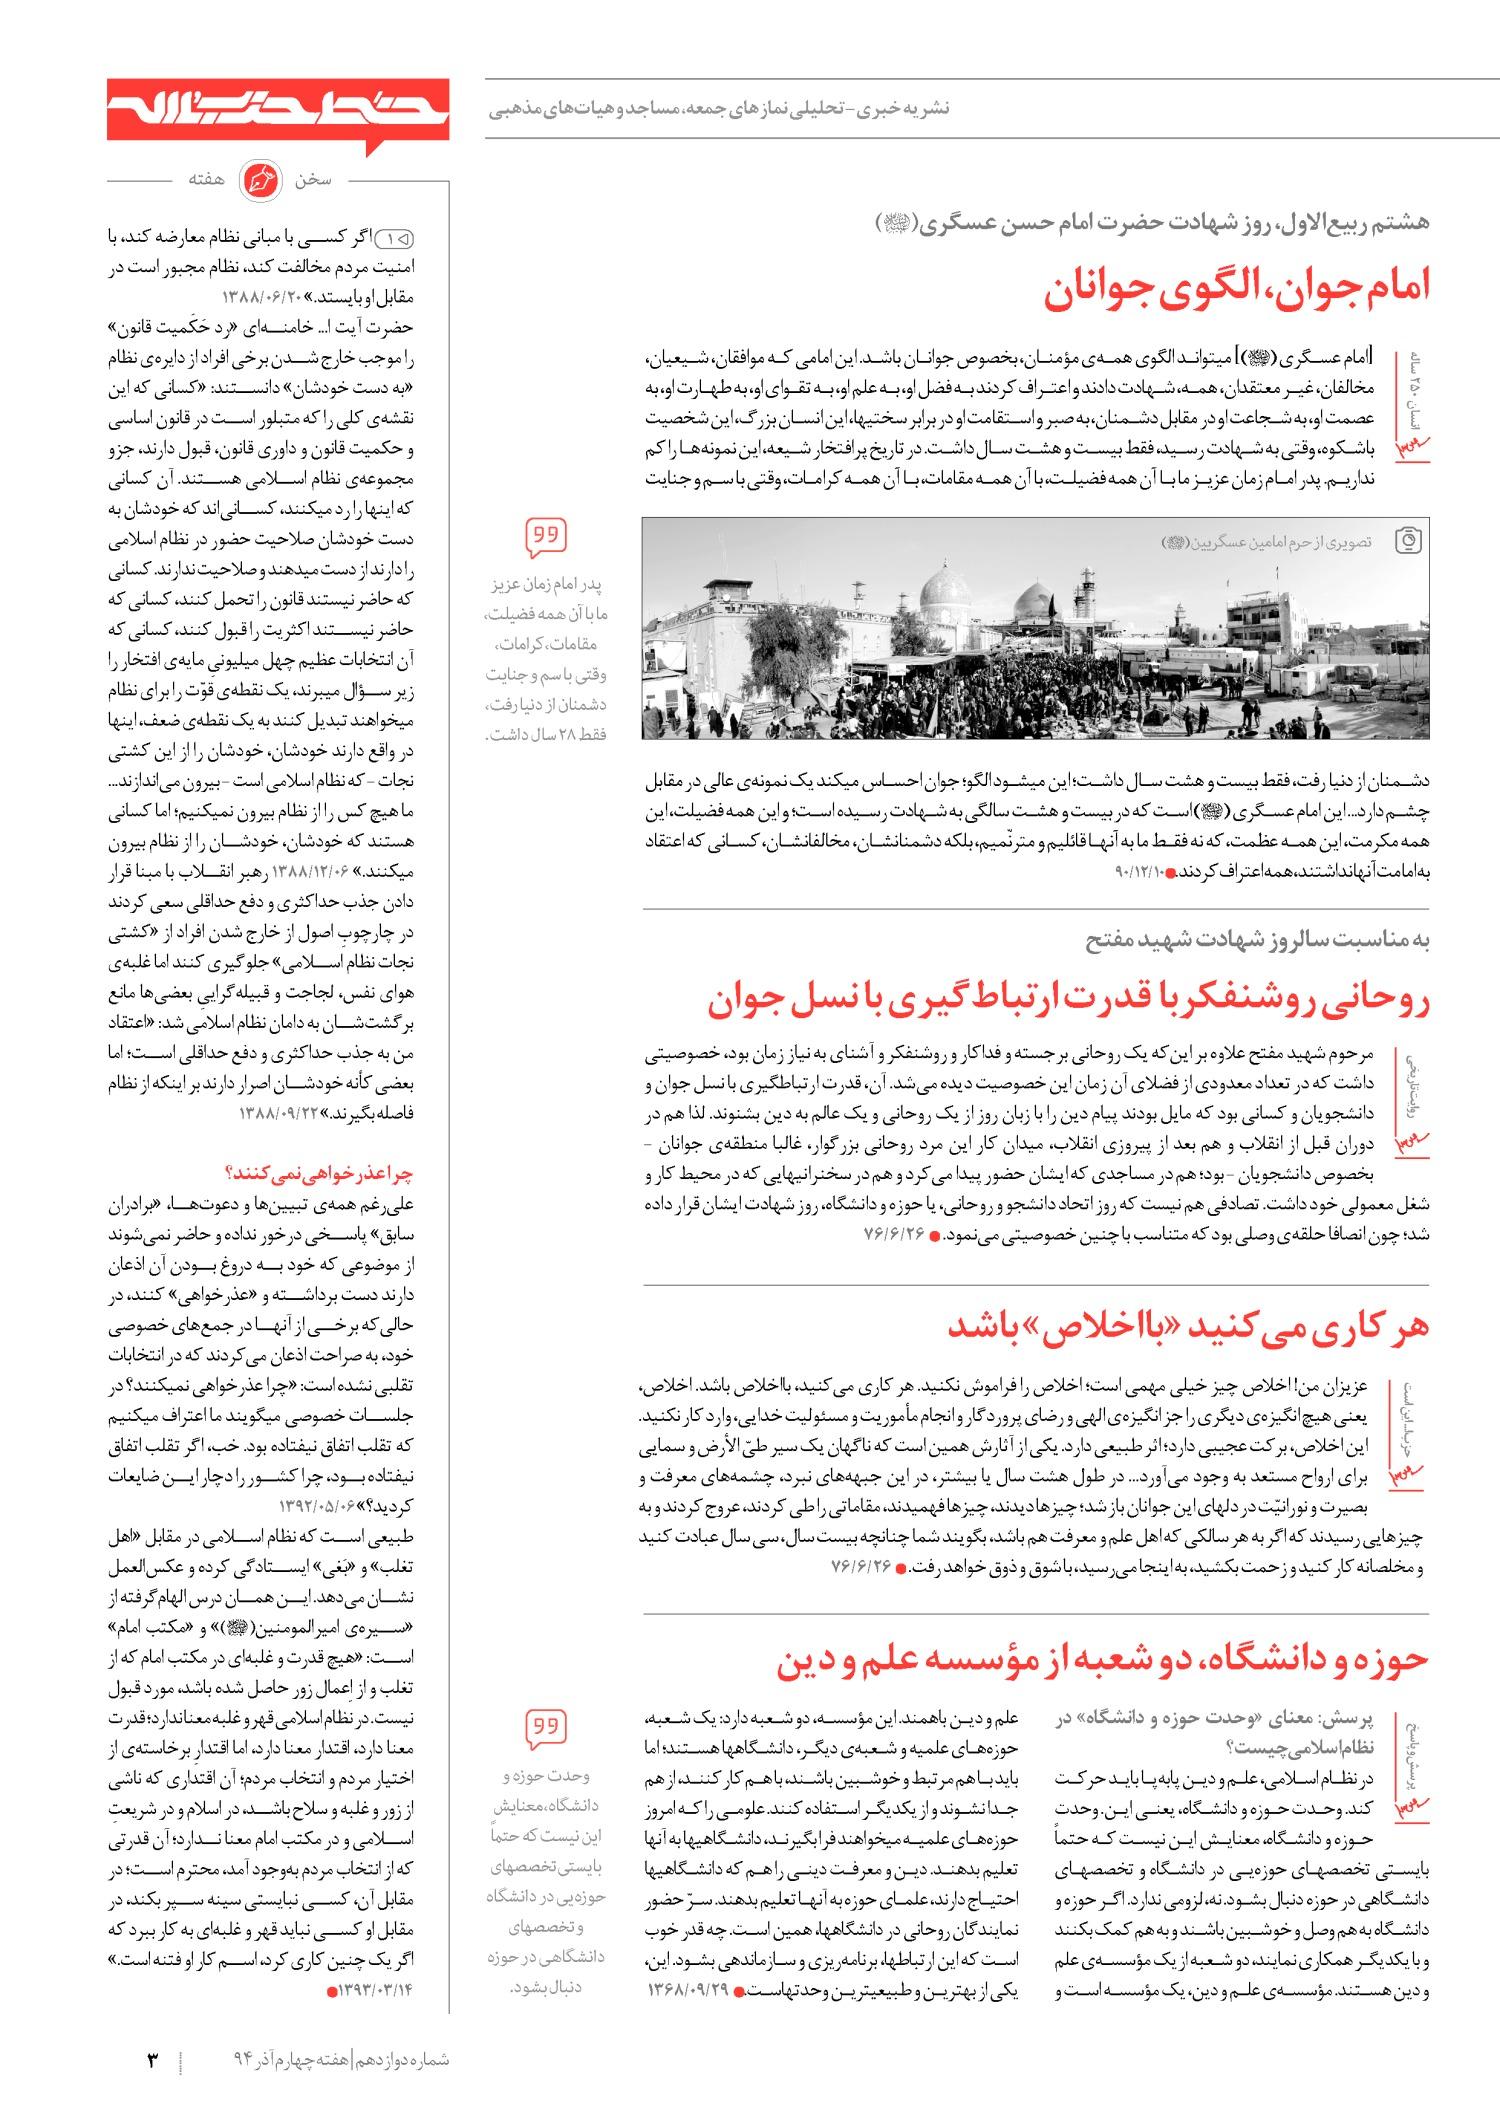 خط حزب الله -شماره دوازدهم خط حزب الله -شماره پنجم خط حزب الله -شماره دوازدهم page large 31 2